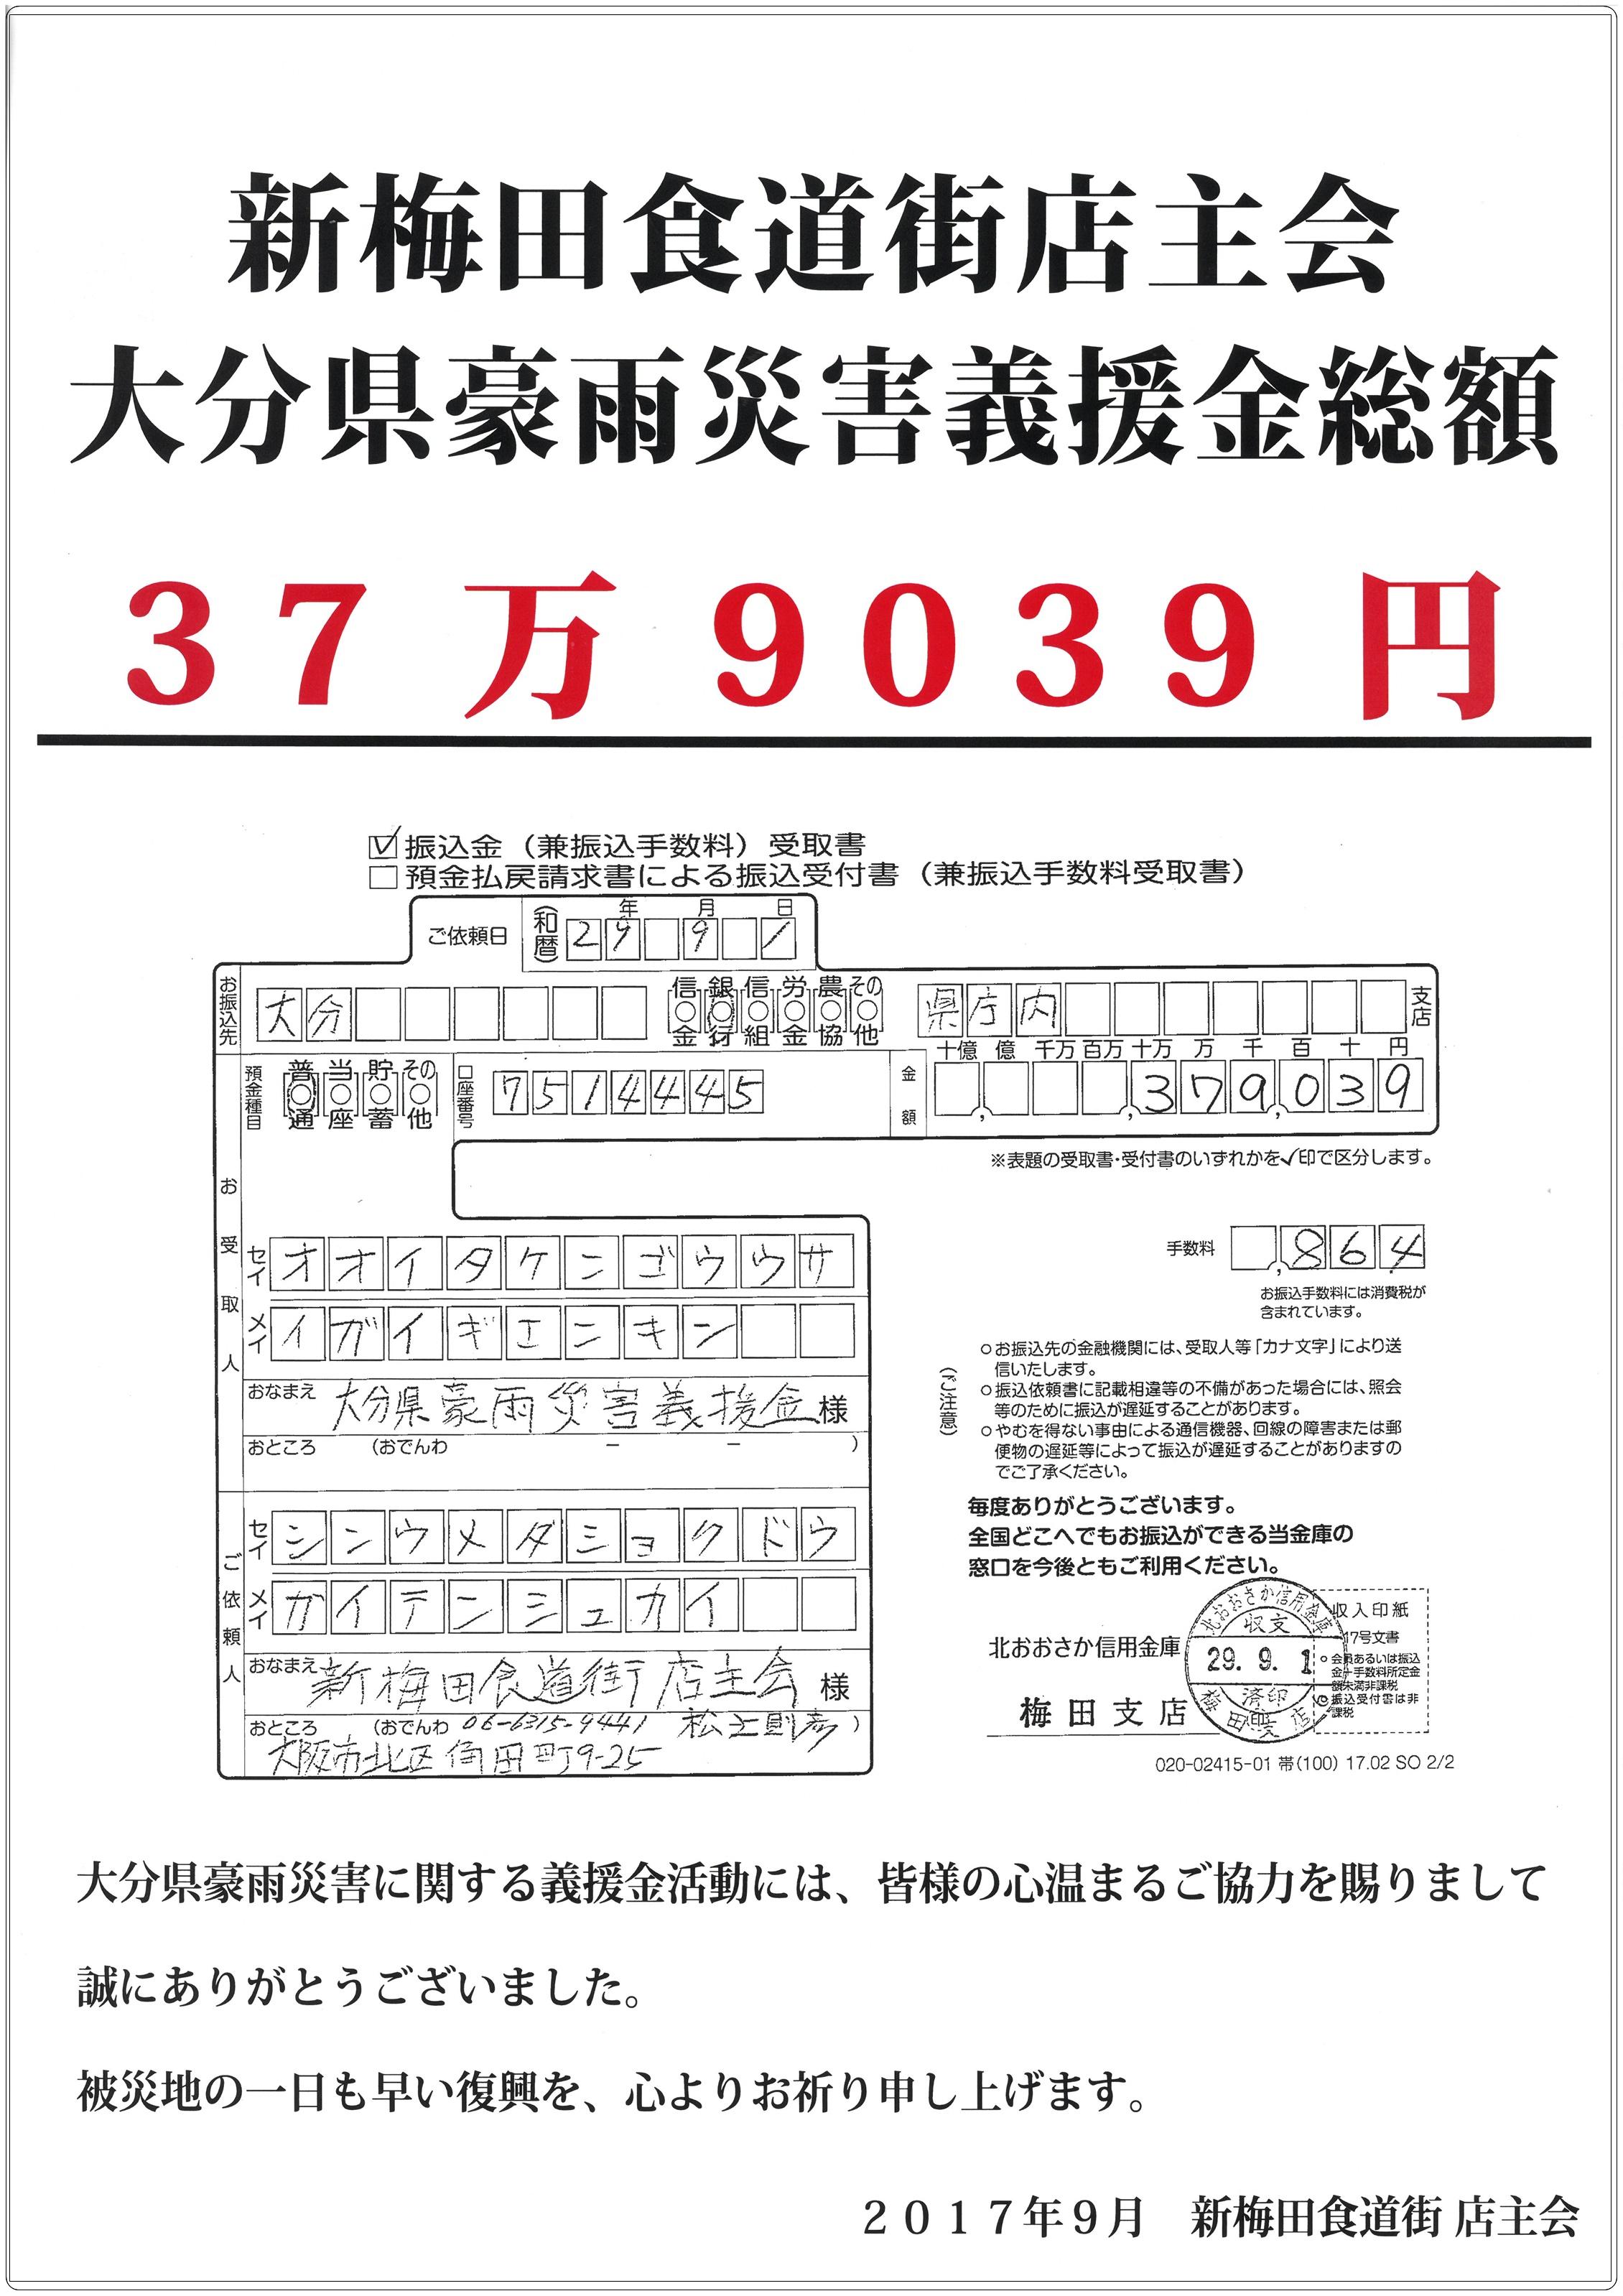 大分県豪雨災害義援金についてご報告